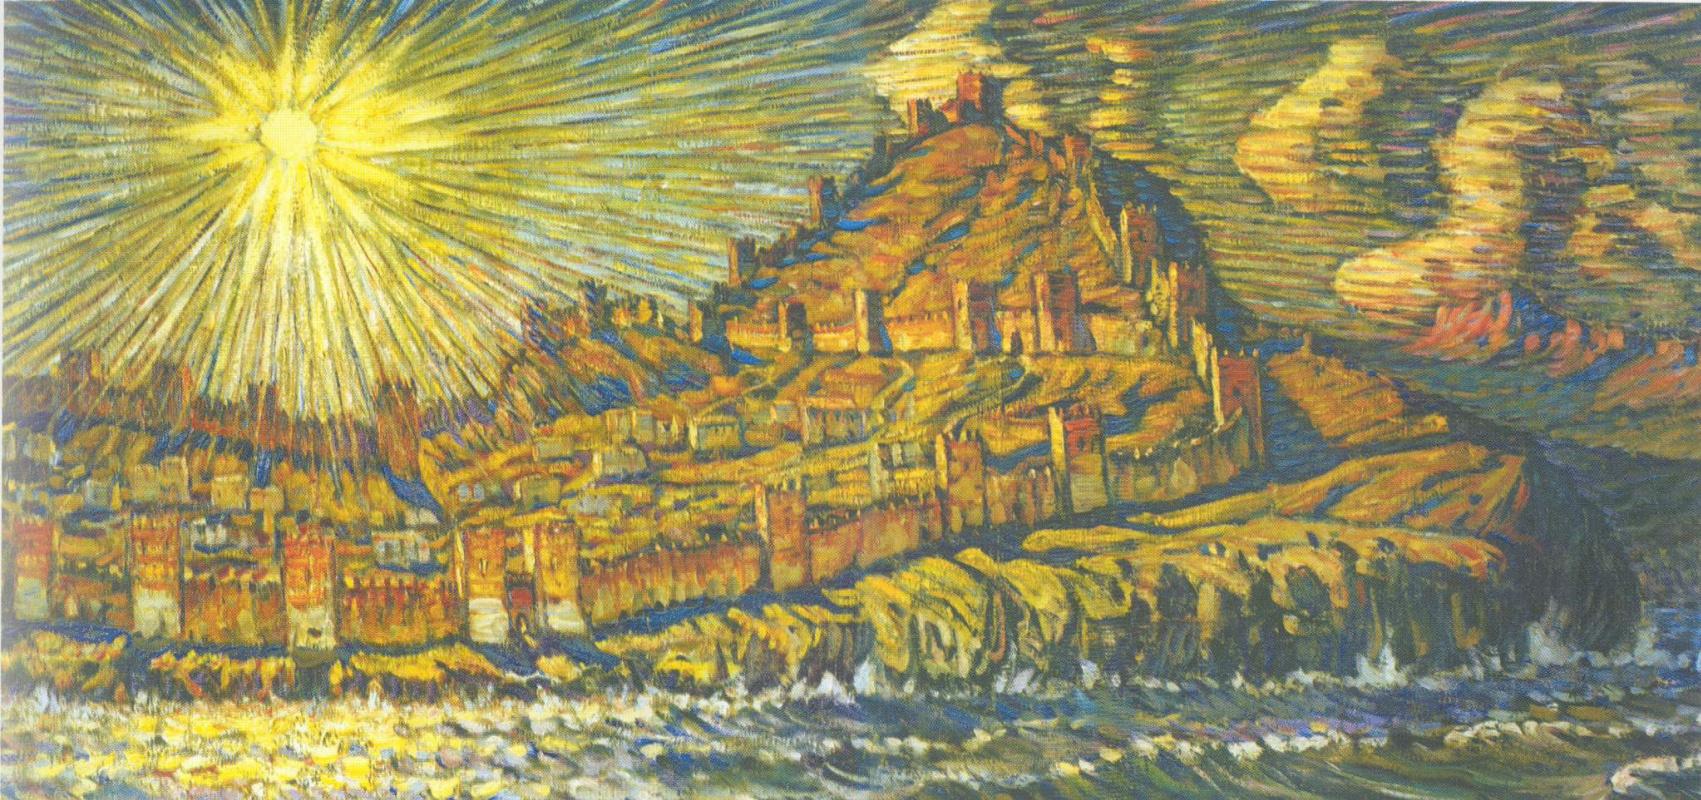 Константин Федорович Богаевский. Генуэзская крепость